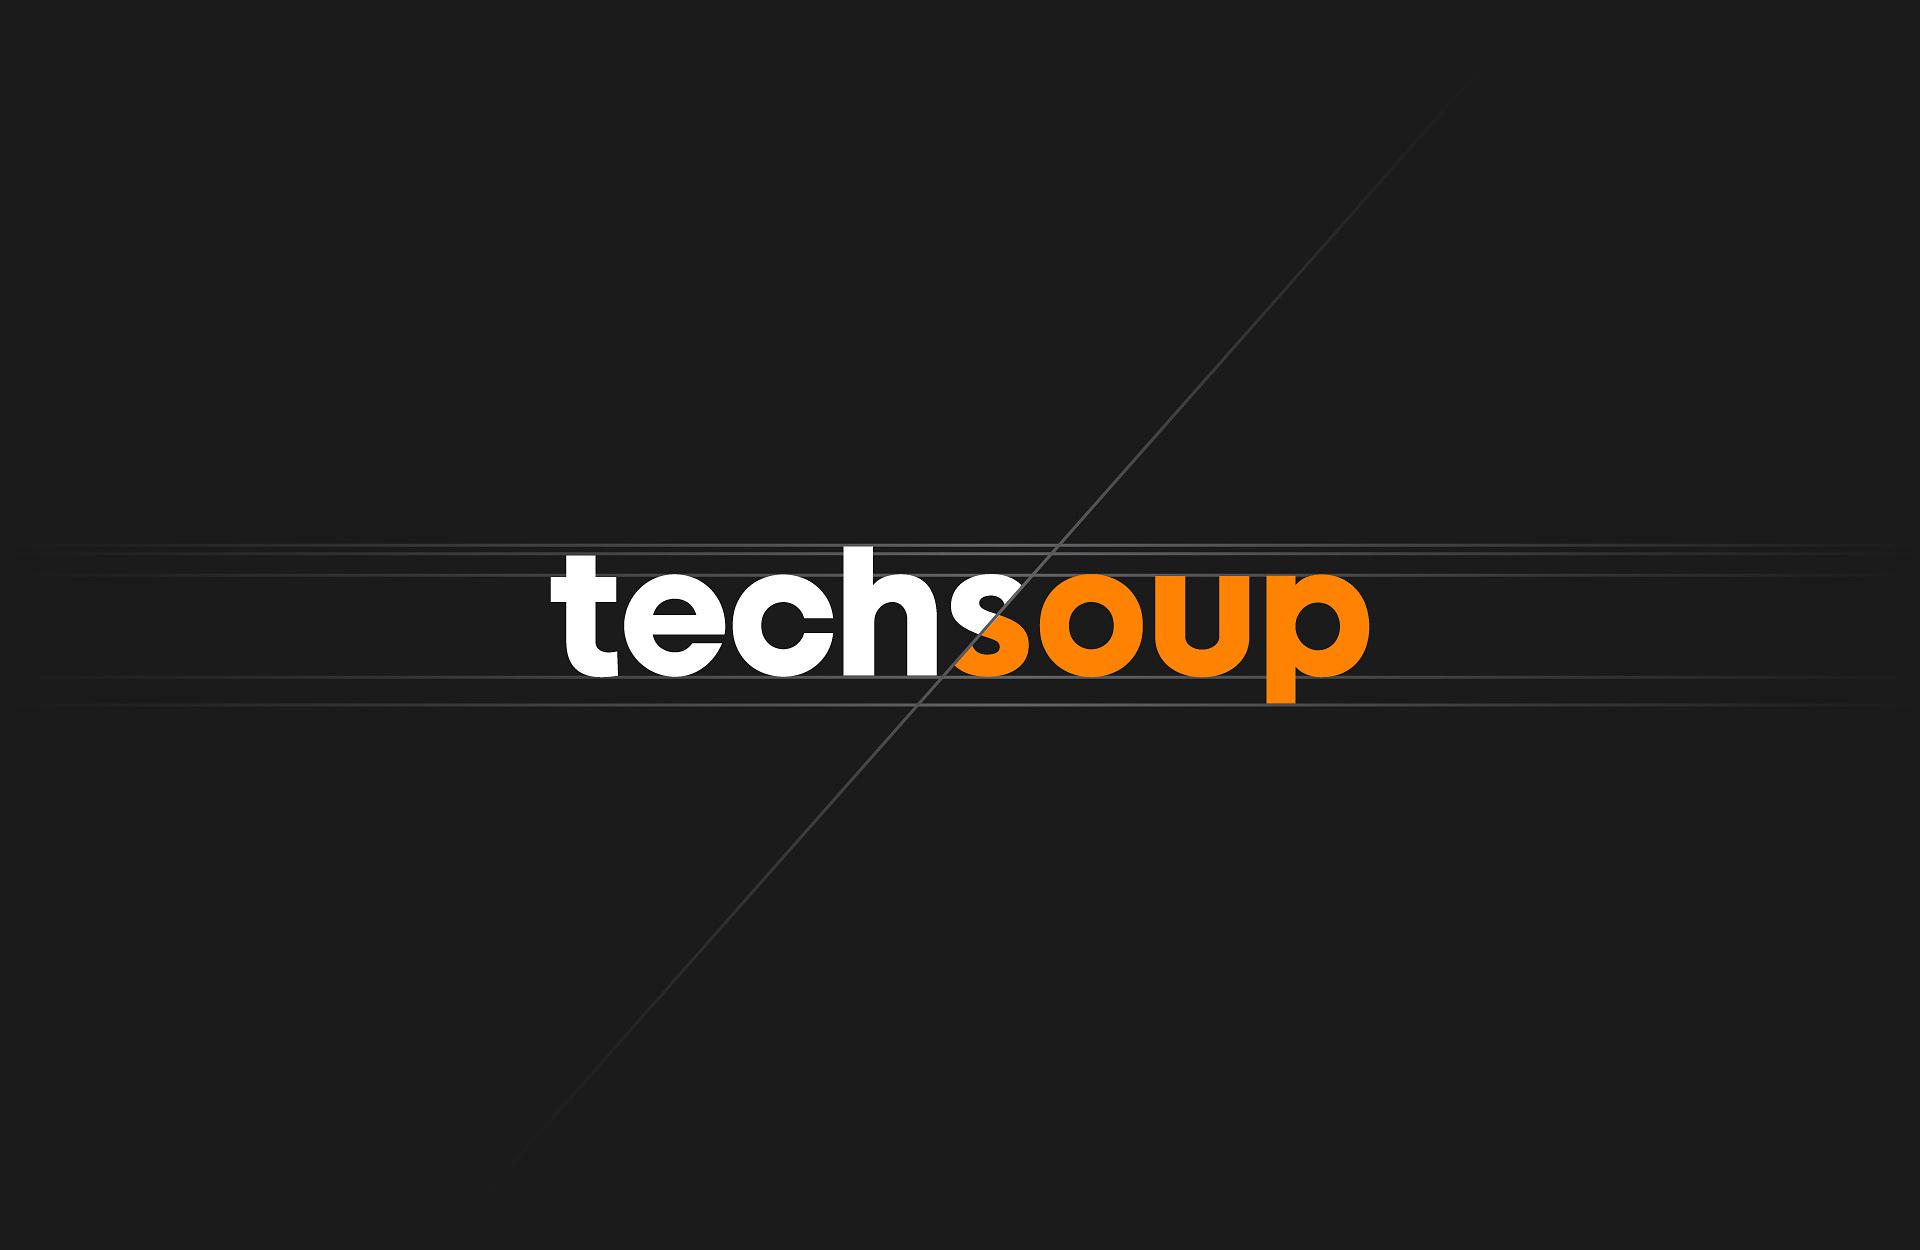 techsoup_logo